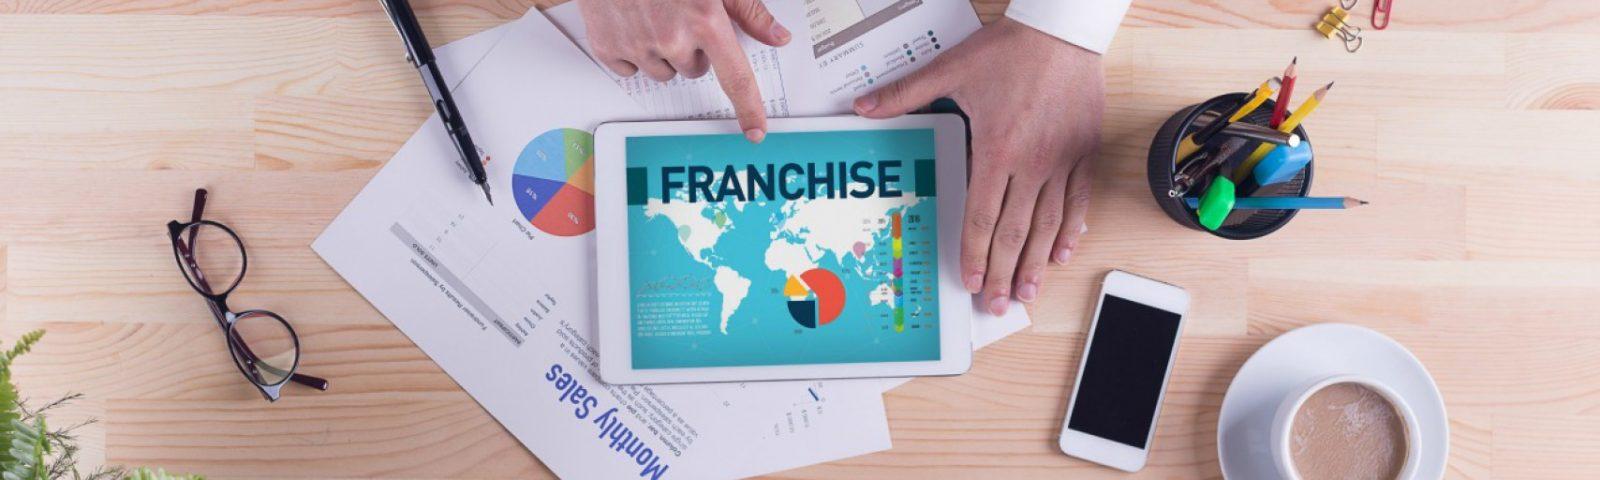 Quer ter um negócio em franchising? Temos dicas para si